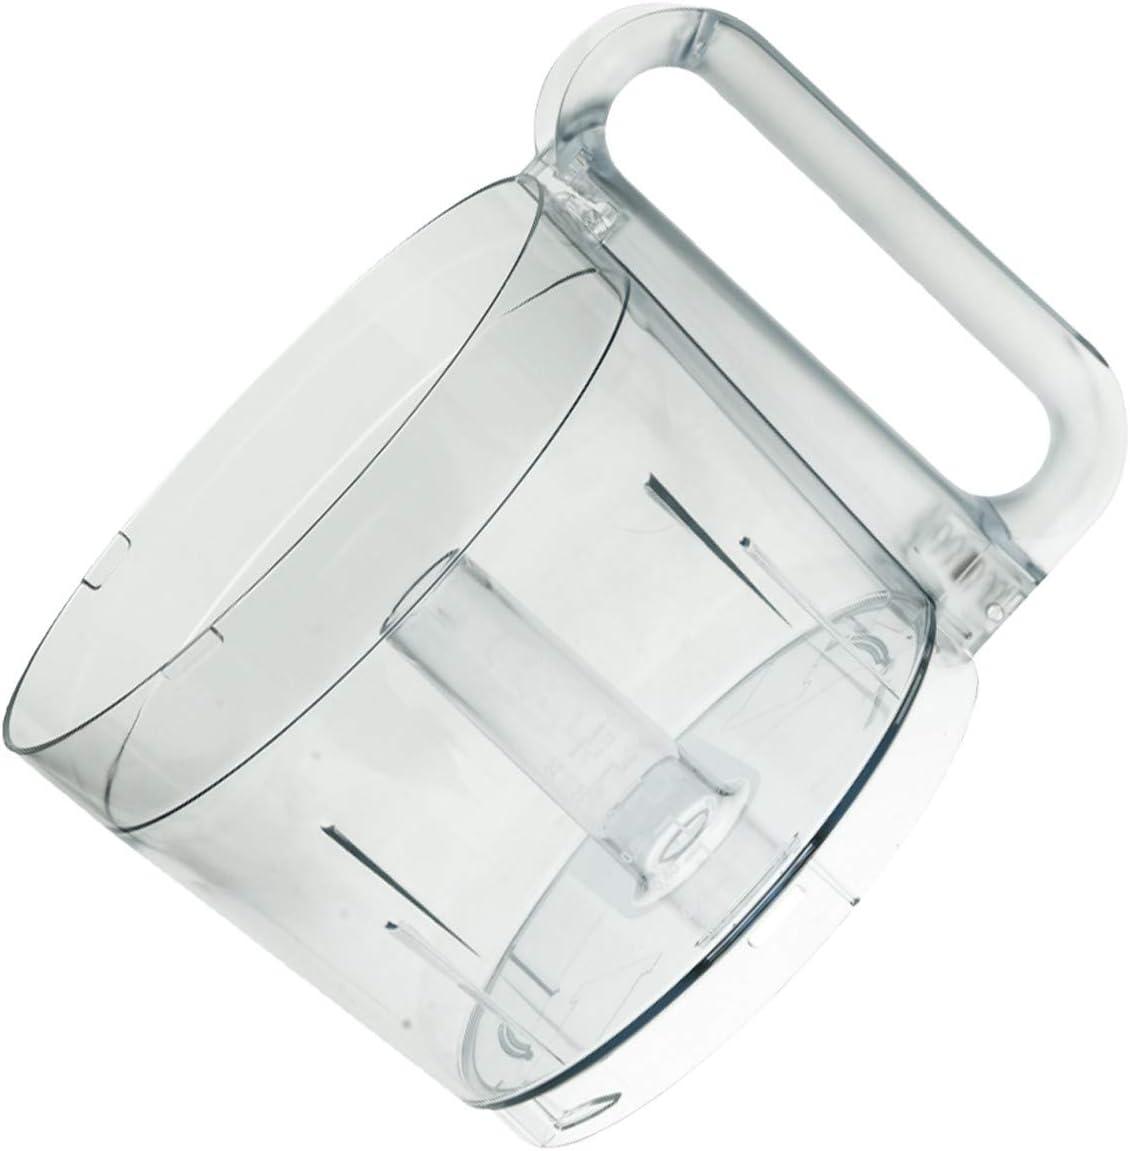 Moulinex cuenco recipiente cesta Robot Store Inn Masterchef 5000 FP512 Do2: Amazon.es: Hogar